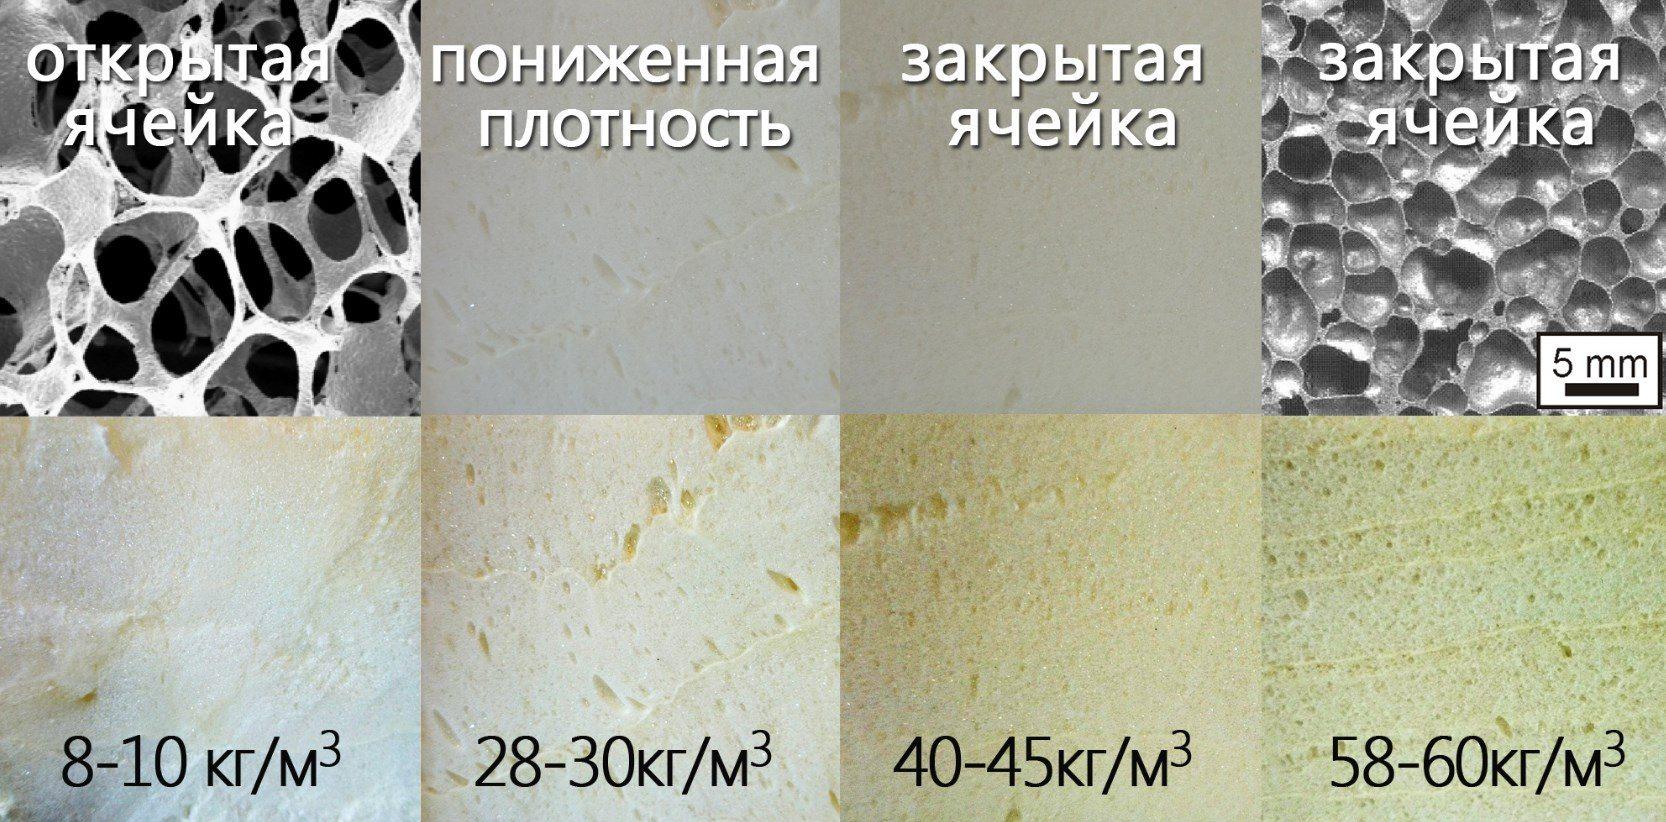 Полиуретаны — википедия